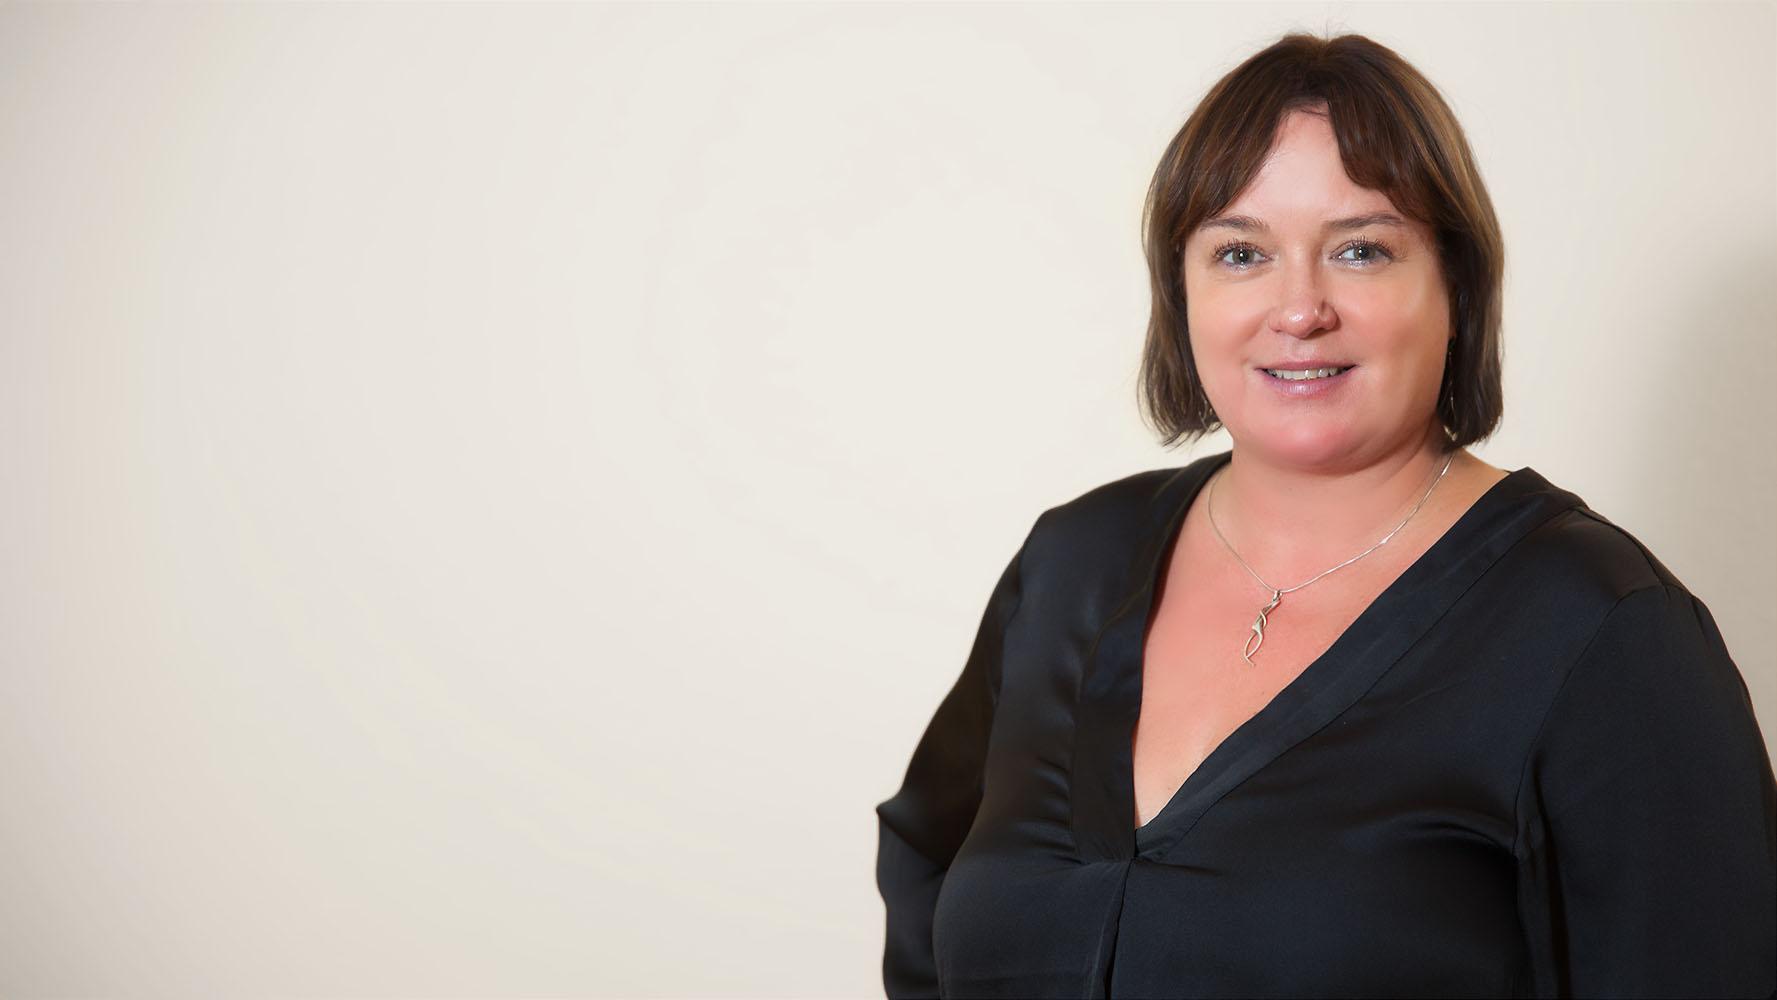 Jeanette Ludwig: Arzthelferin, Naturheilkundliche Beraterin